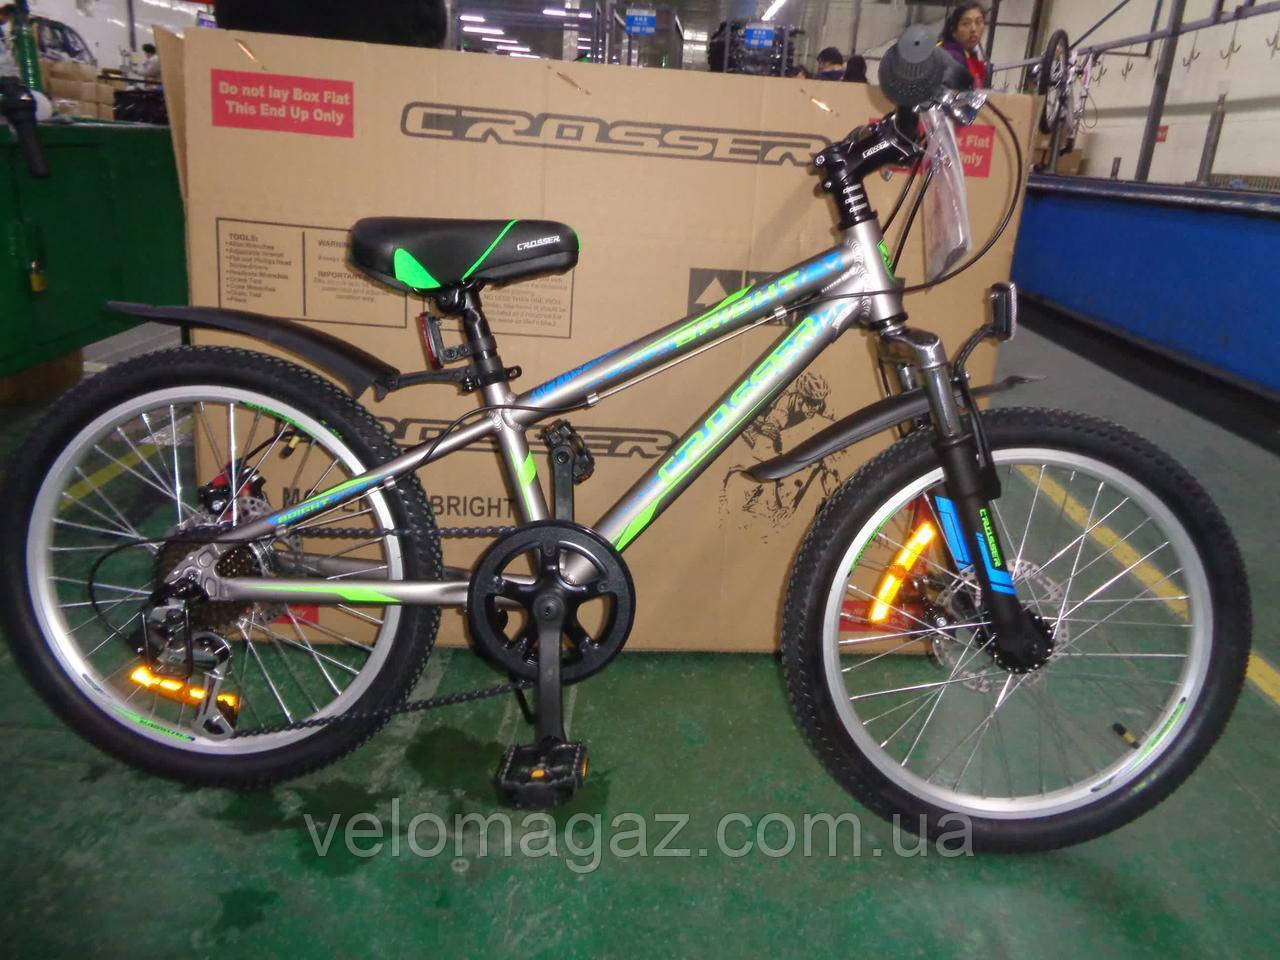 """Велосипед гірський алюмінієвий Crosser Bright-1 20"""", сірий"""